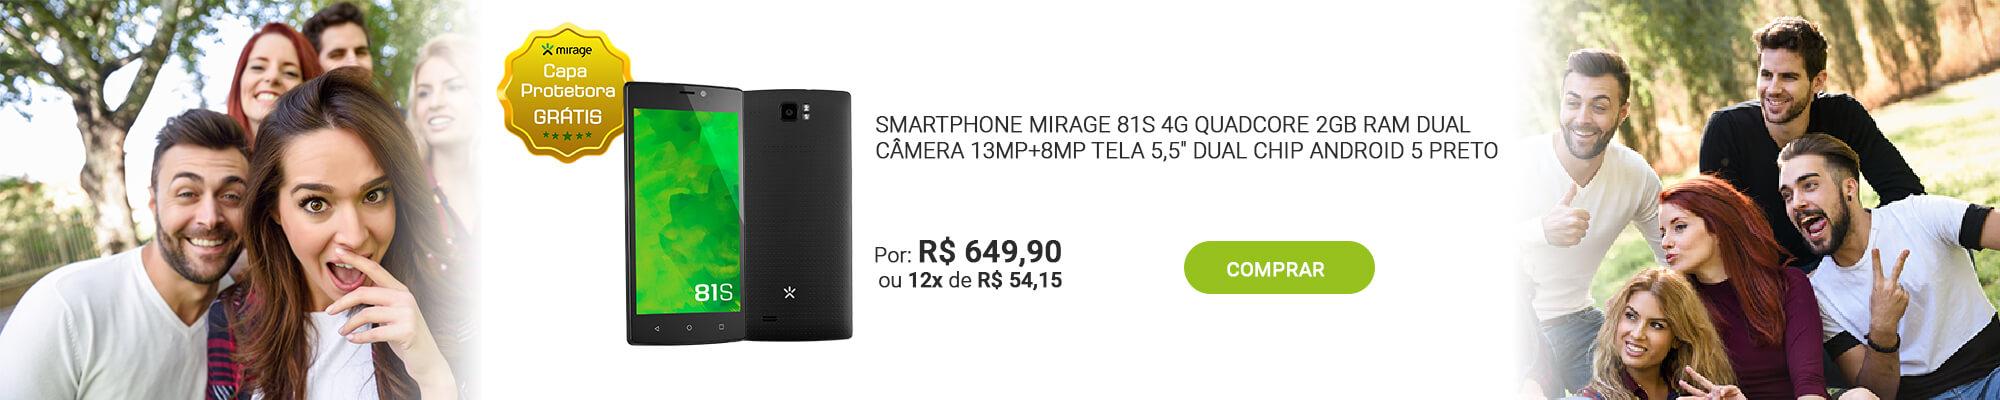 Smartphone - 81S